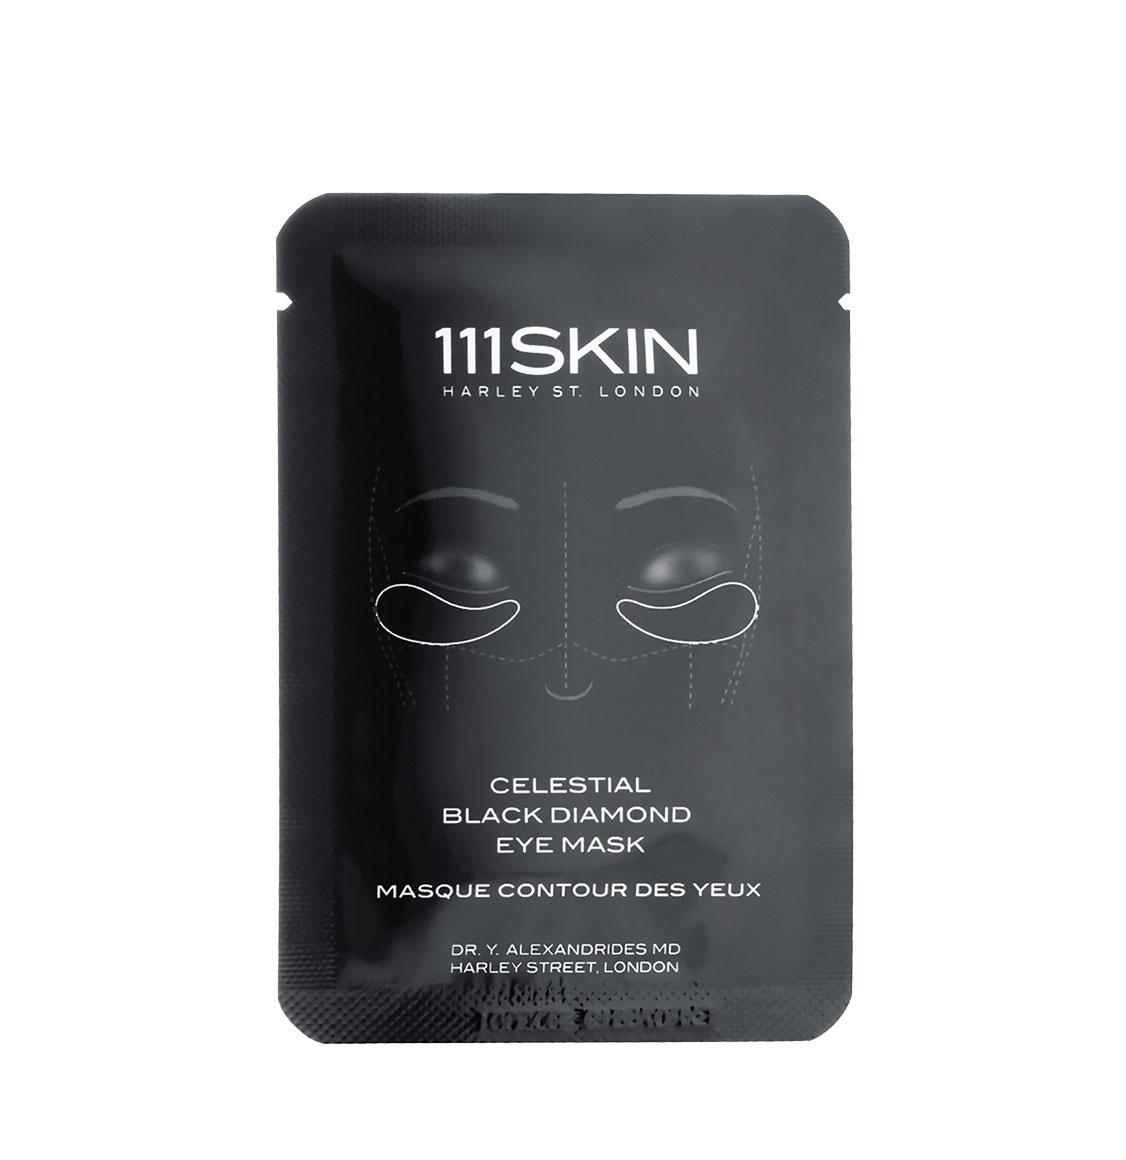 111Skin Celestial Black Diamond Eye Mask 6ml